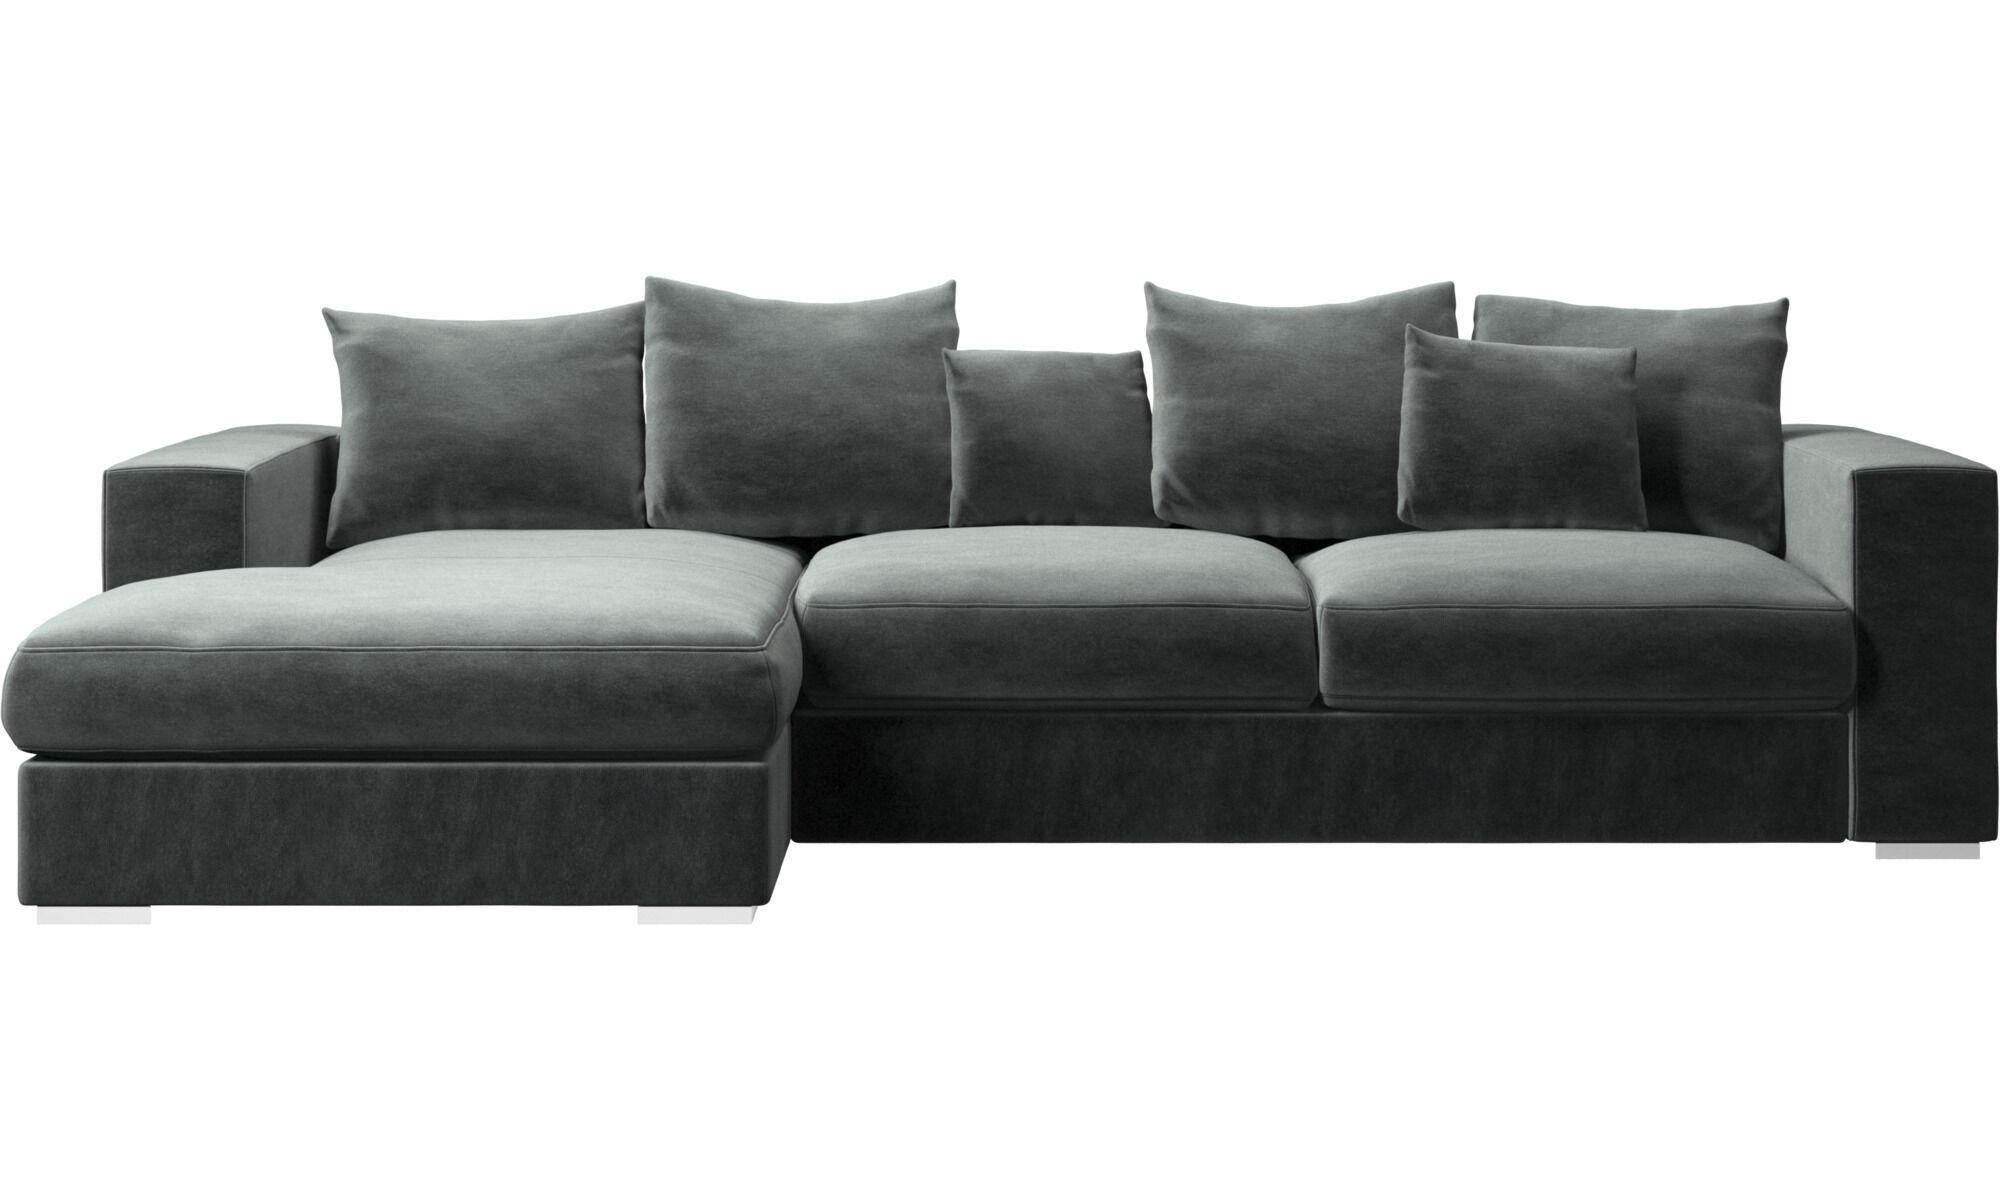 Design Sofa Mit Recamiere Online Kaufen Boconceptr